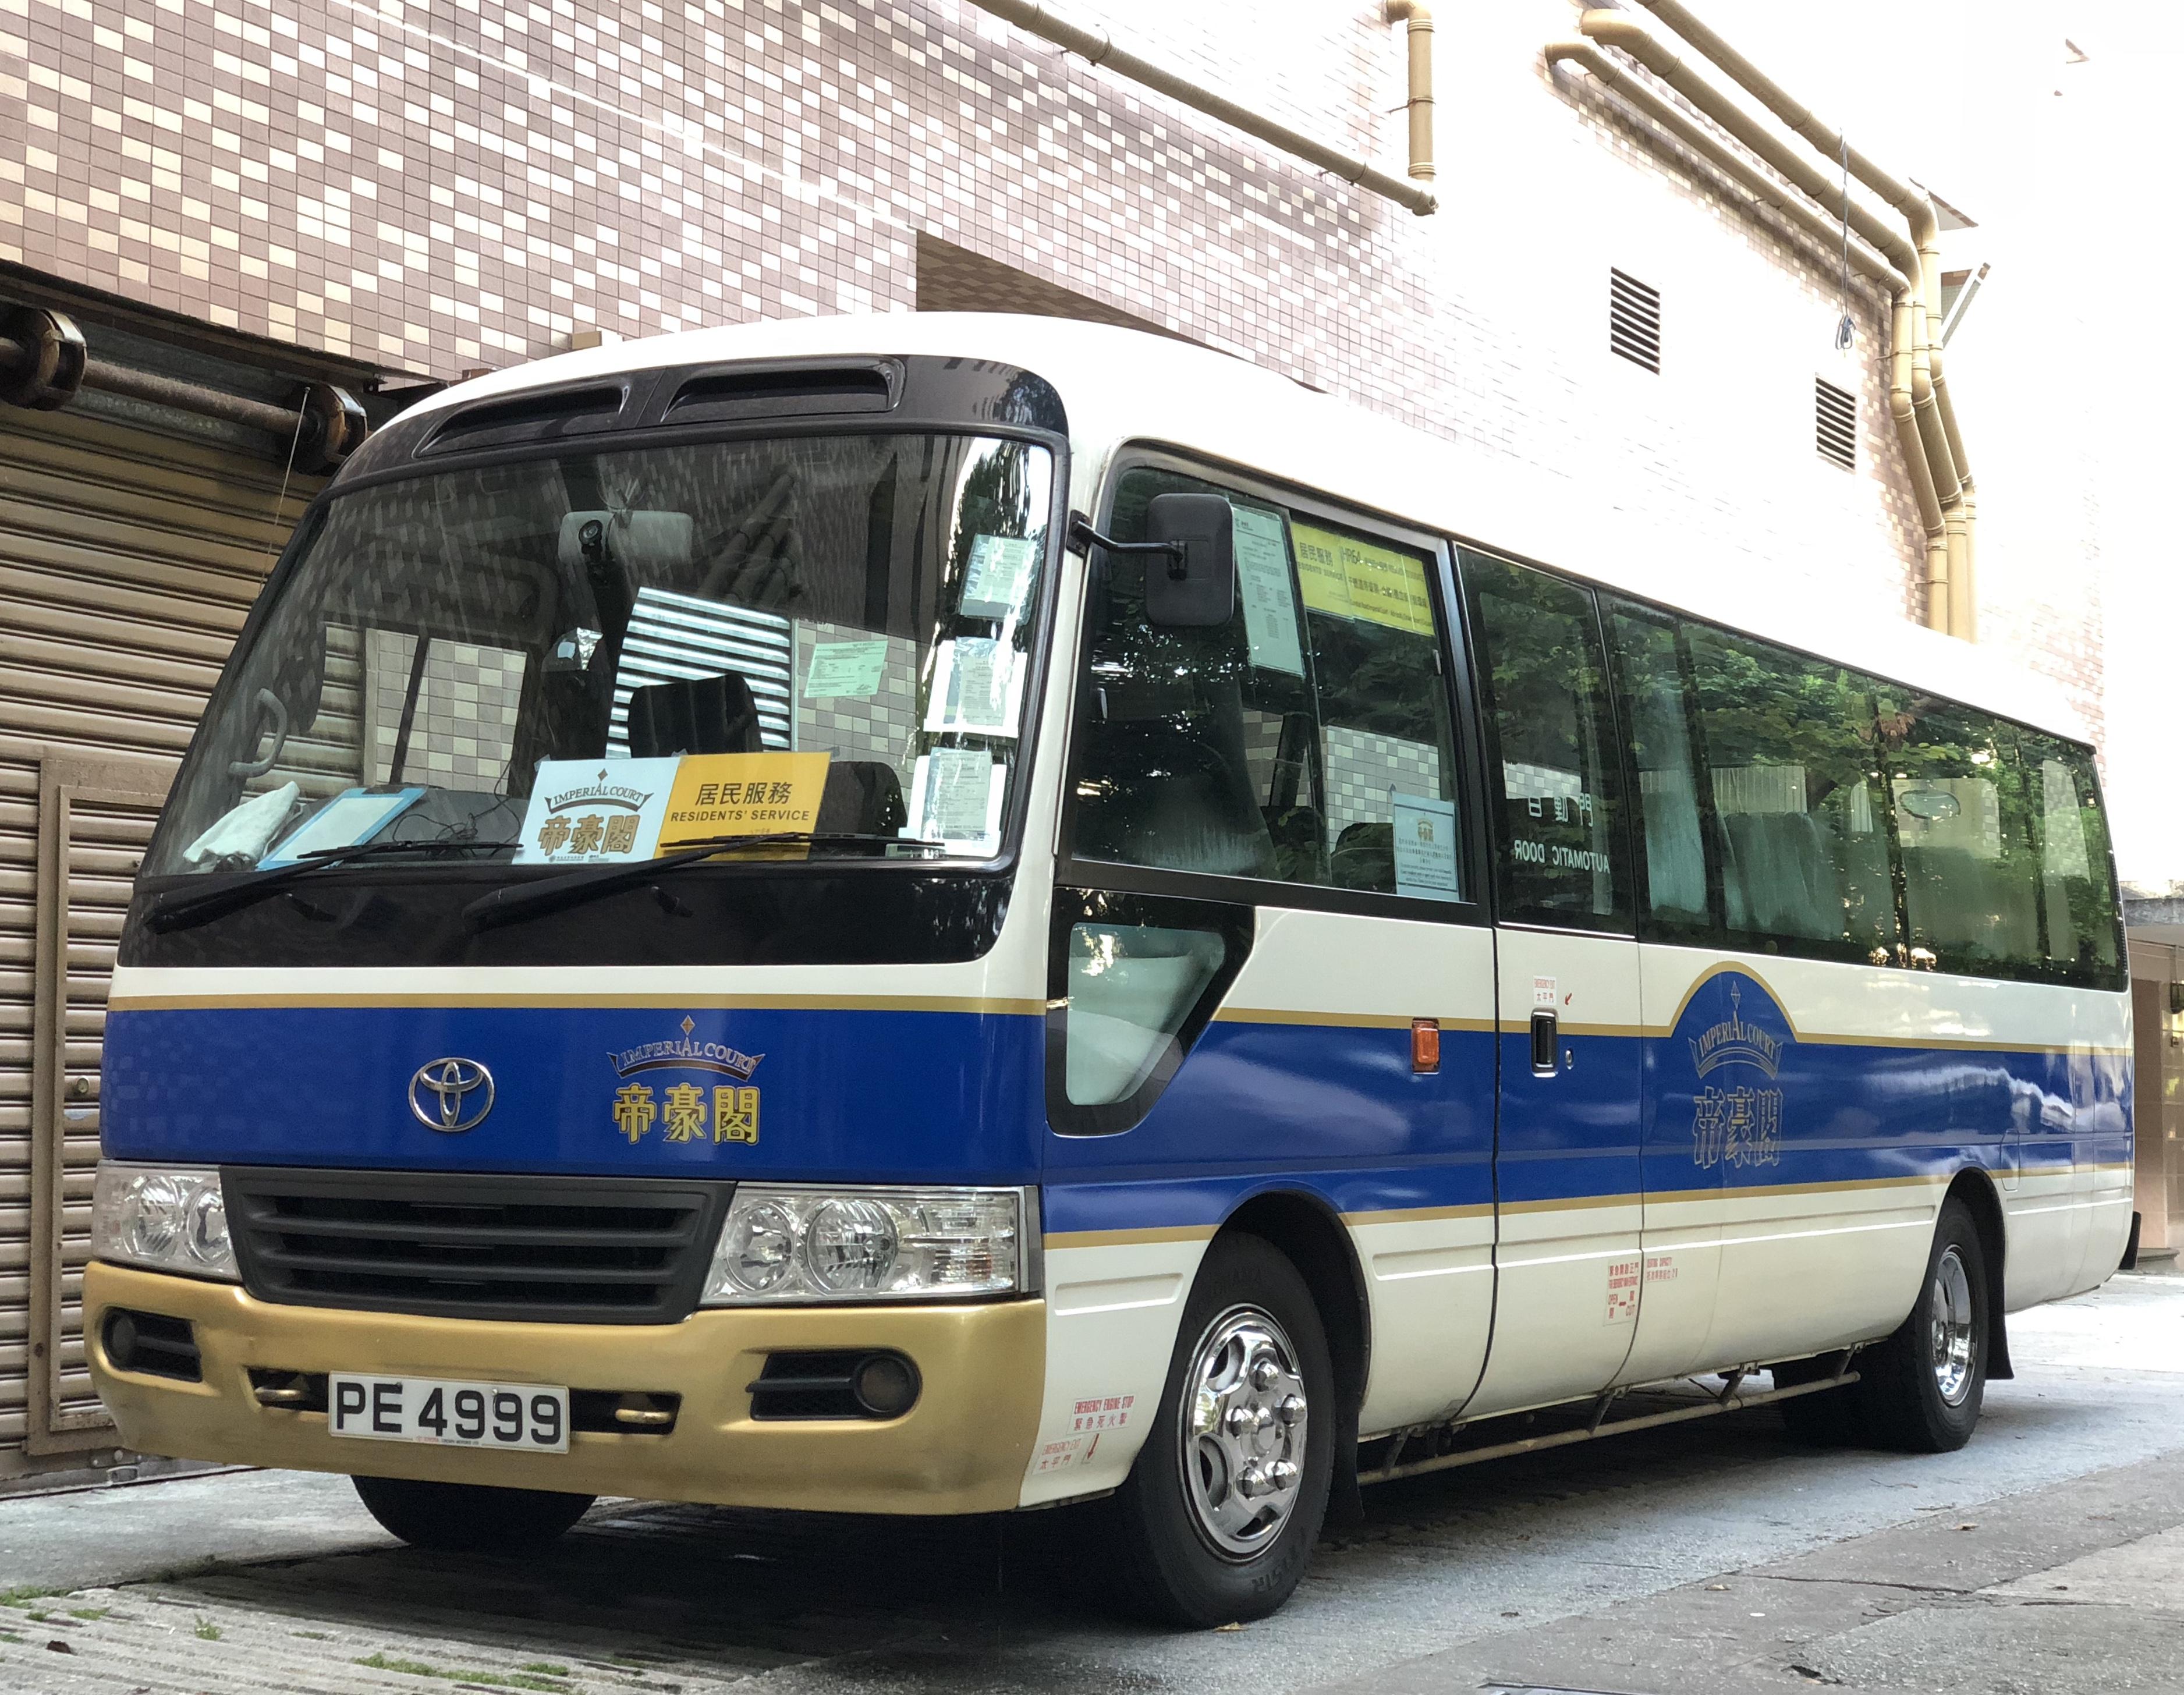 居民巴士HR64線